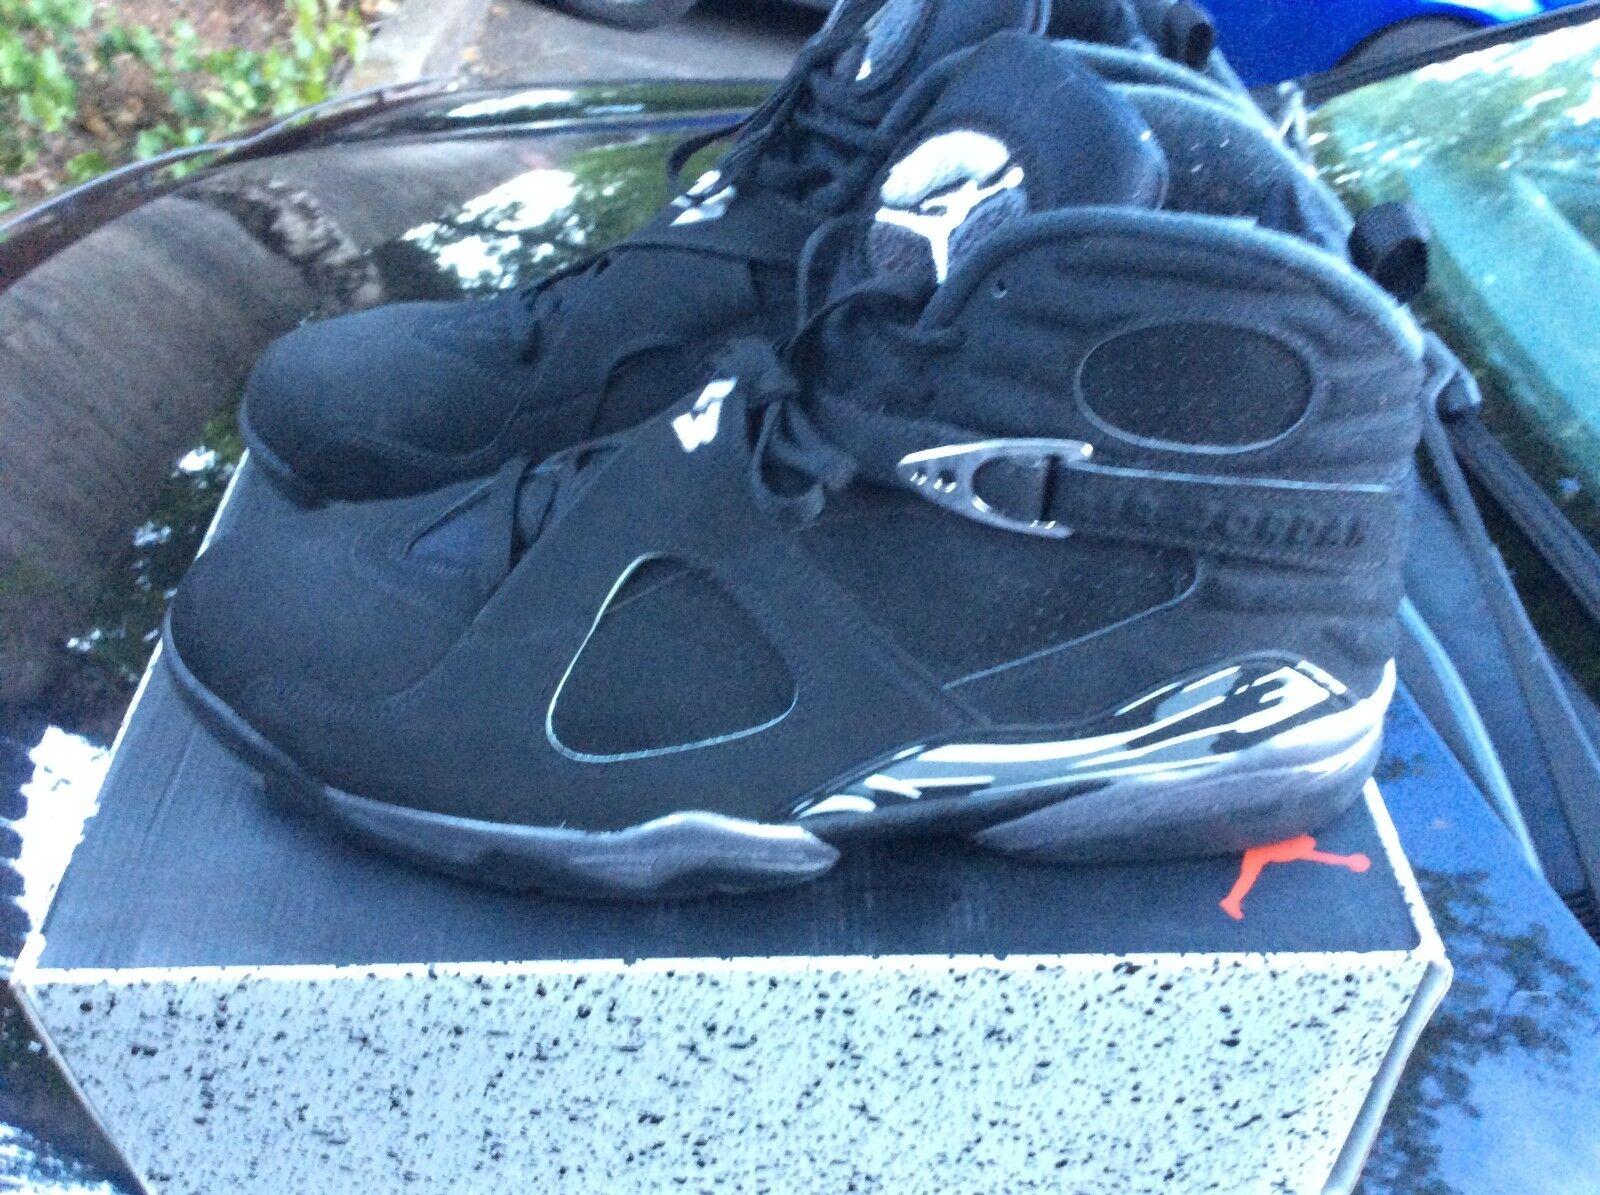 Retro Jordan 8's Chrome, Mens Size 17, Air Jordan, Nike, Jordan, Retro, Jordan